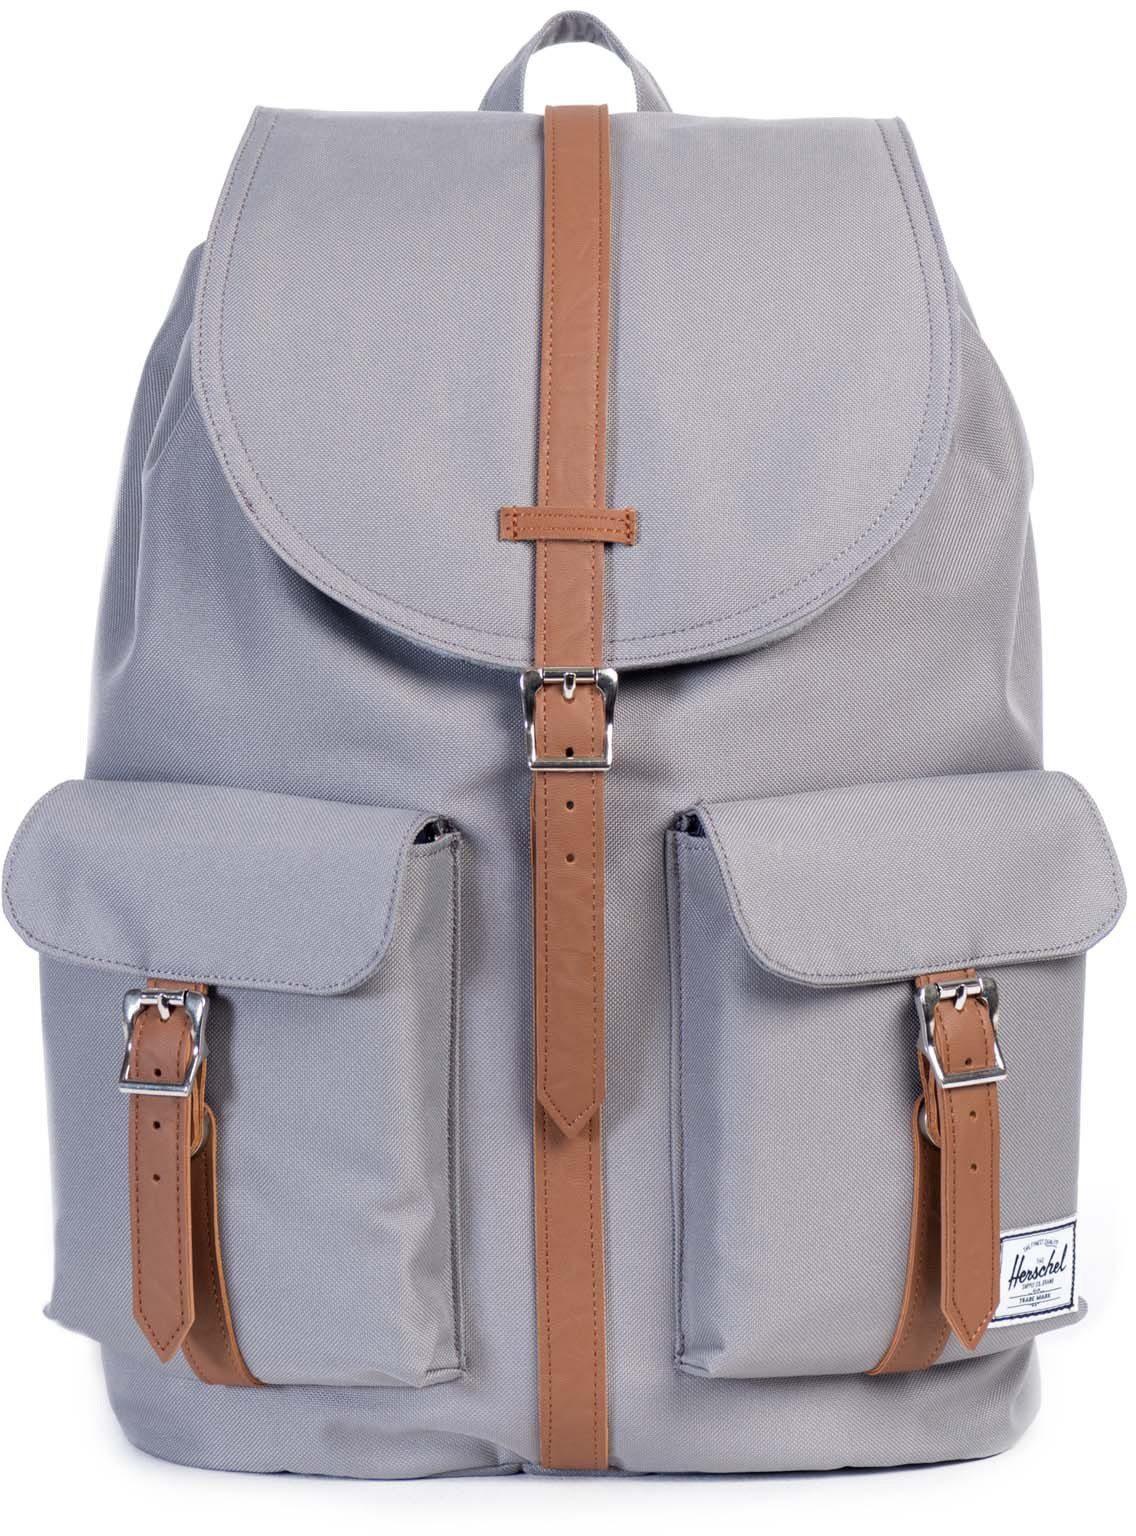 Herschel Rucksack mit Laptopfach, »Dawson Backpack, Grey«